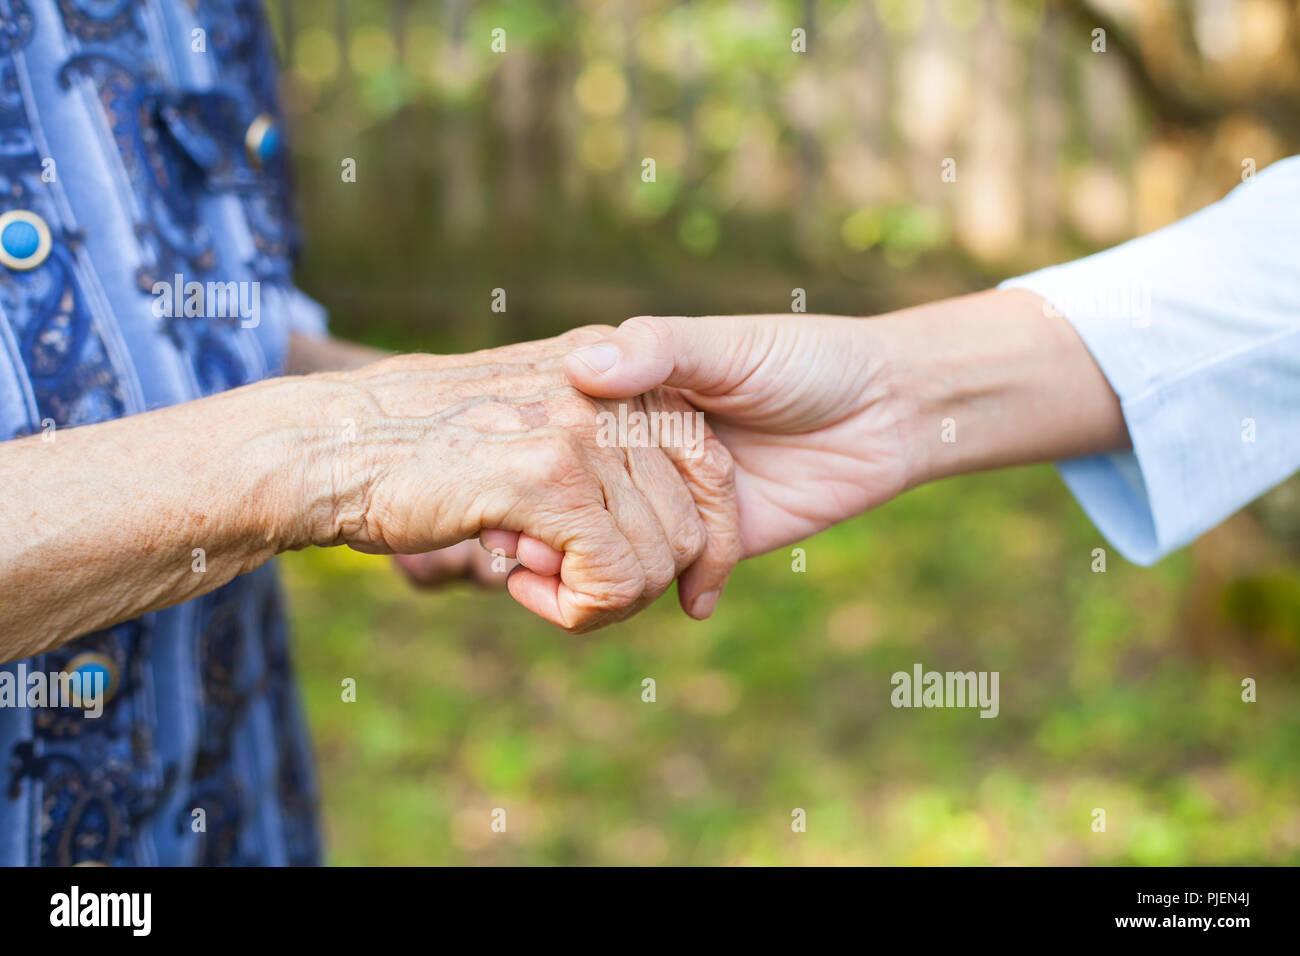 Nahaufnahme Bild der jungen Frau, die faltige Hand ihrer älteren Großmutter Holding Stockbild